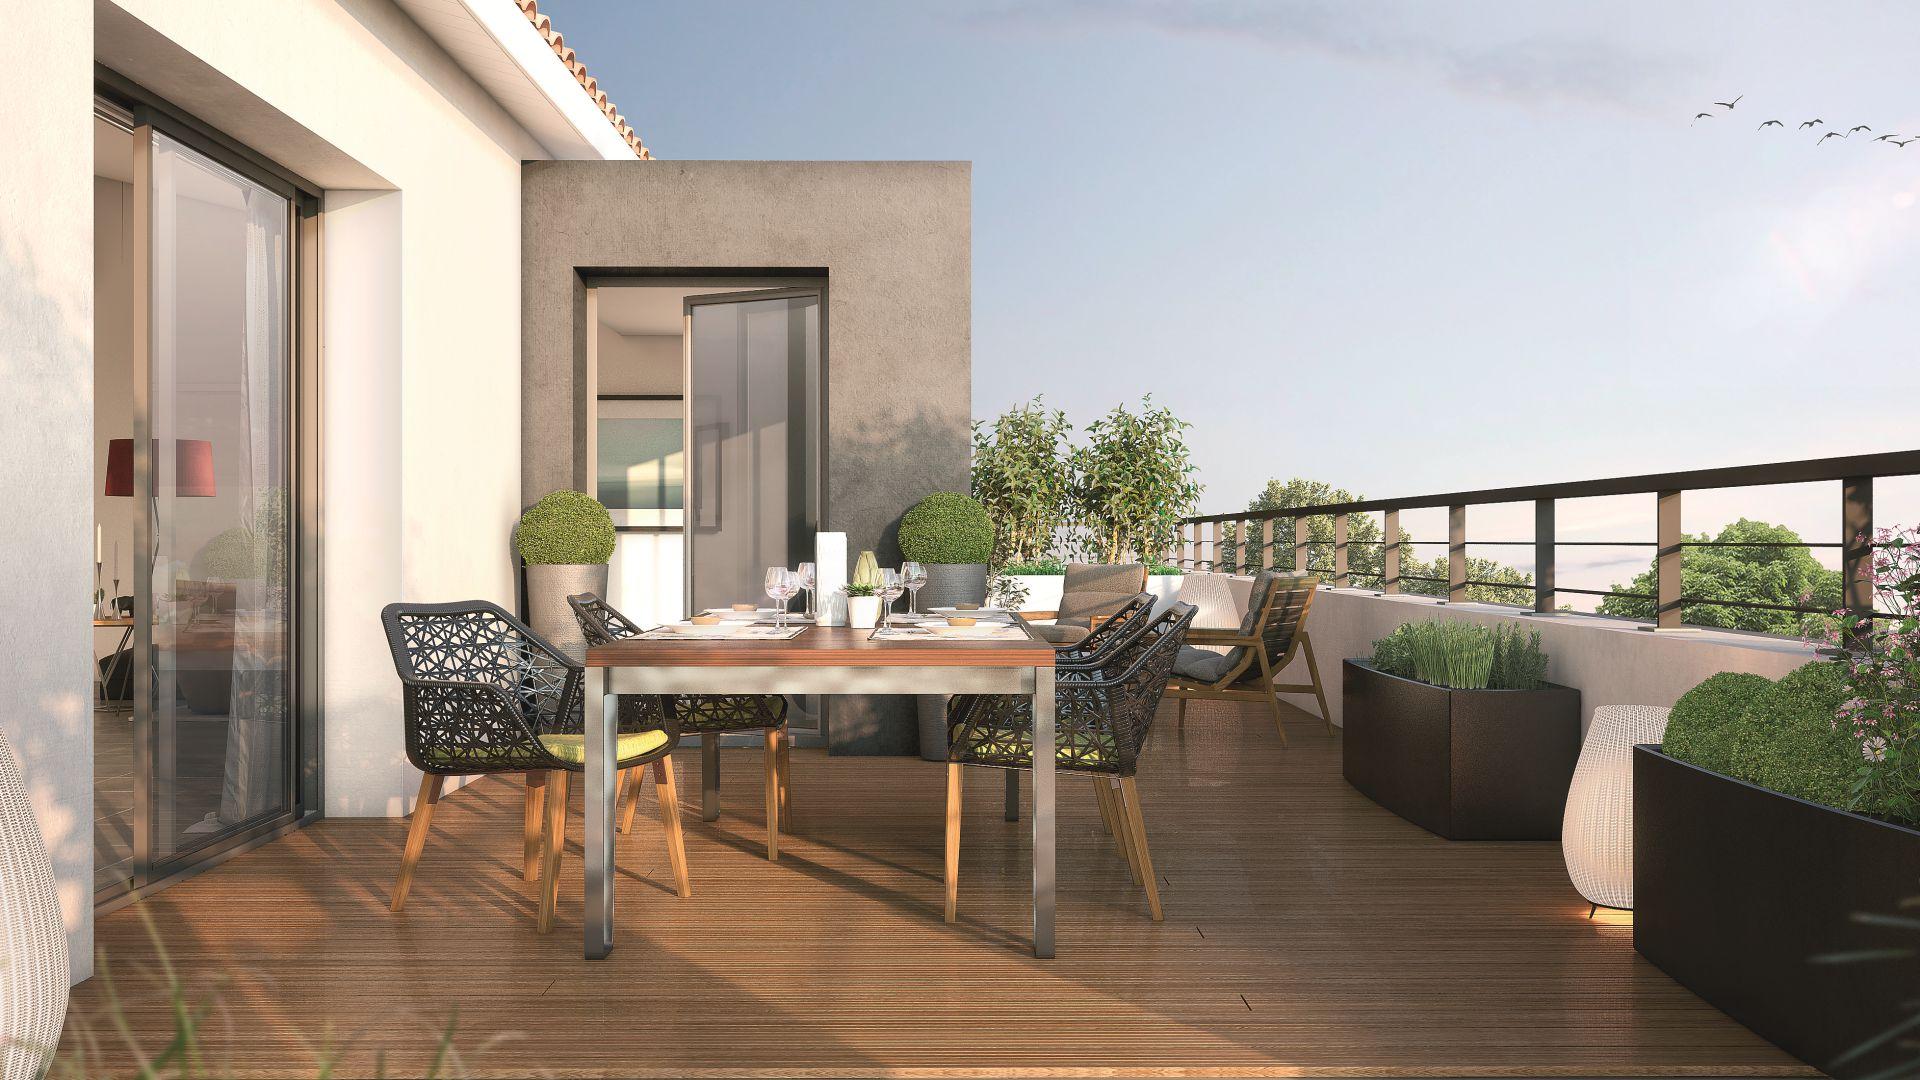 GreenCity Immobilier - Toulouse Brienne - Le Patio de Brienne - Terrasse